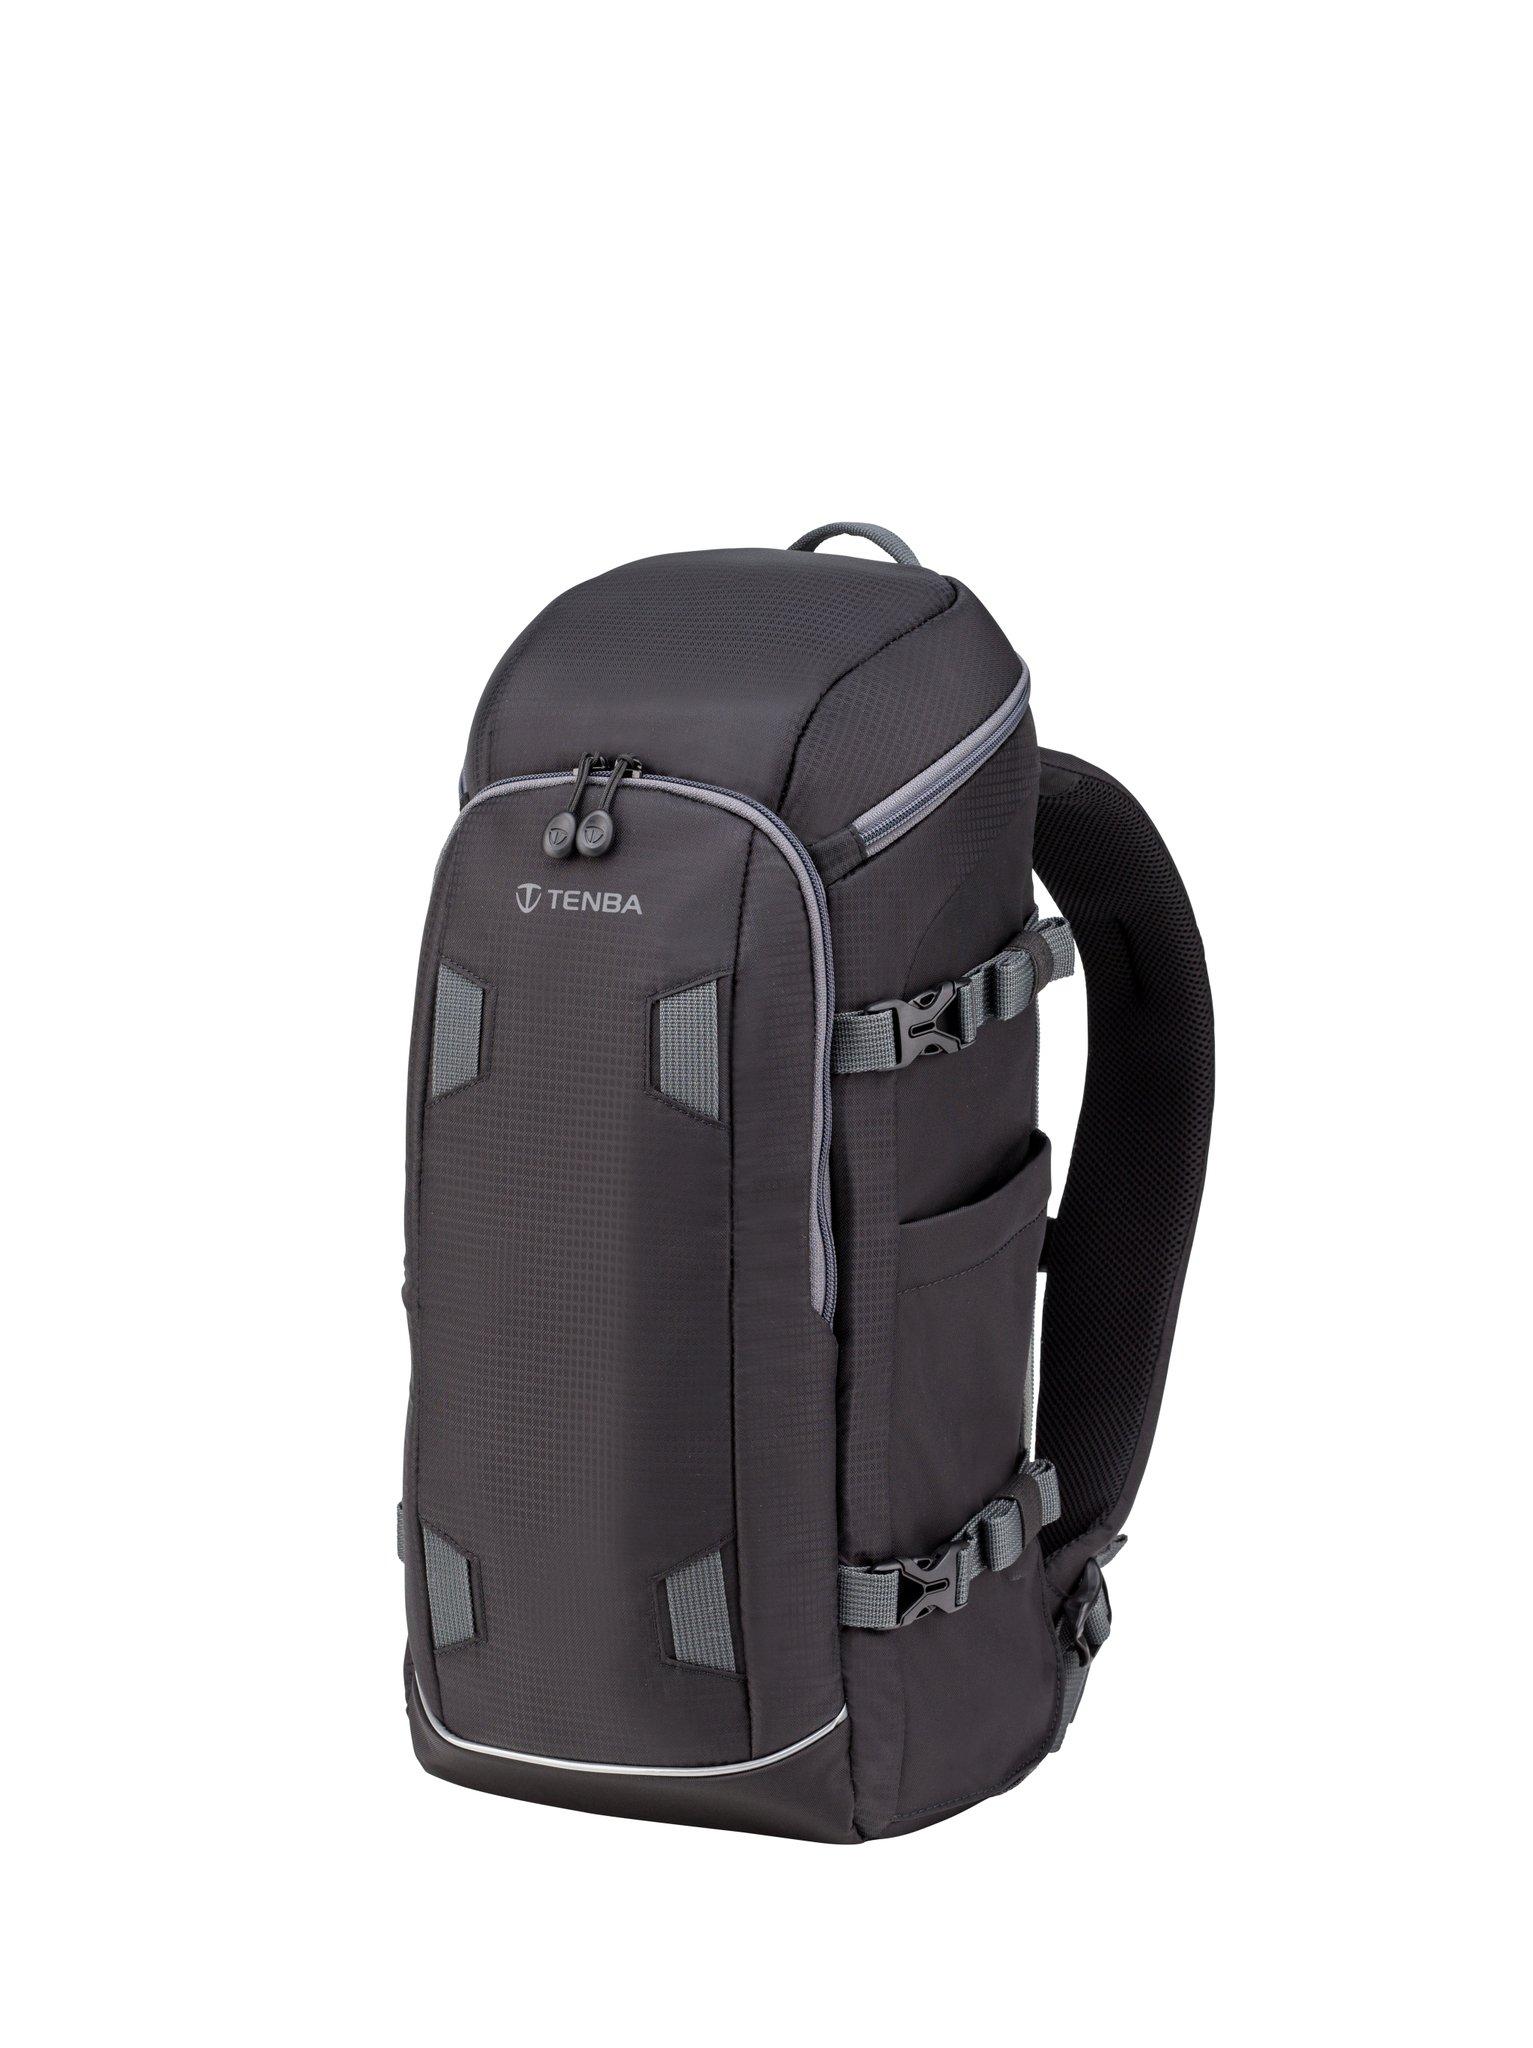 Tenba Solstice 12L Backpack, Black (636-411)